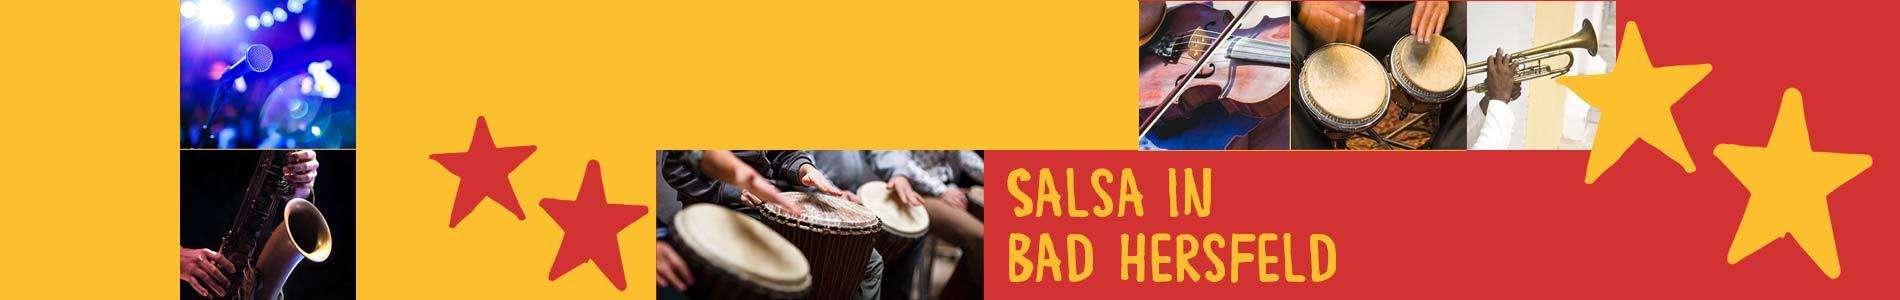 Salsa in Bad Hersfeld – Salsa lernen und tanzen, Tanzkurse, Partys, Veranstaltungen